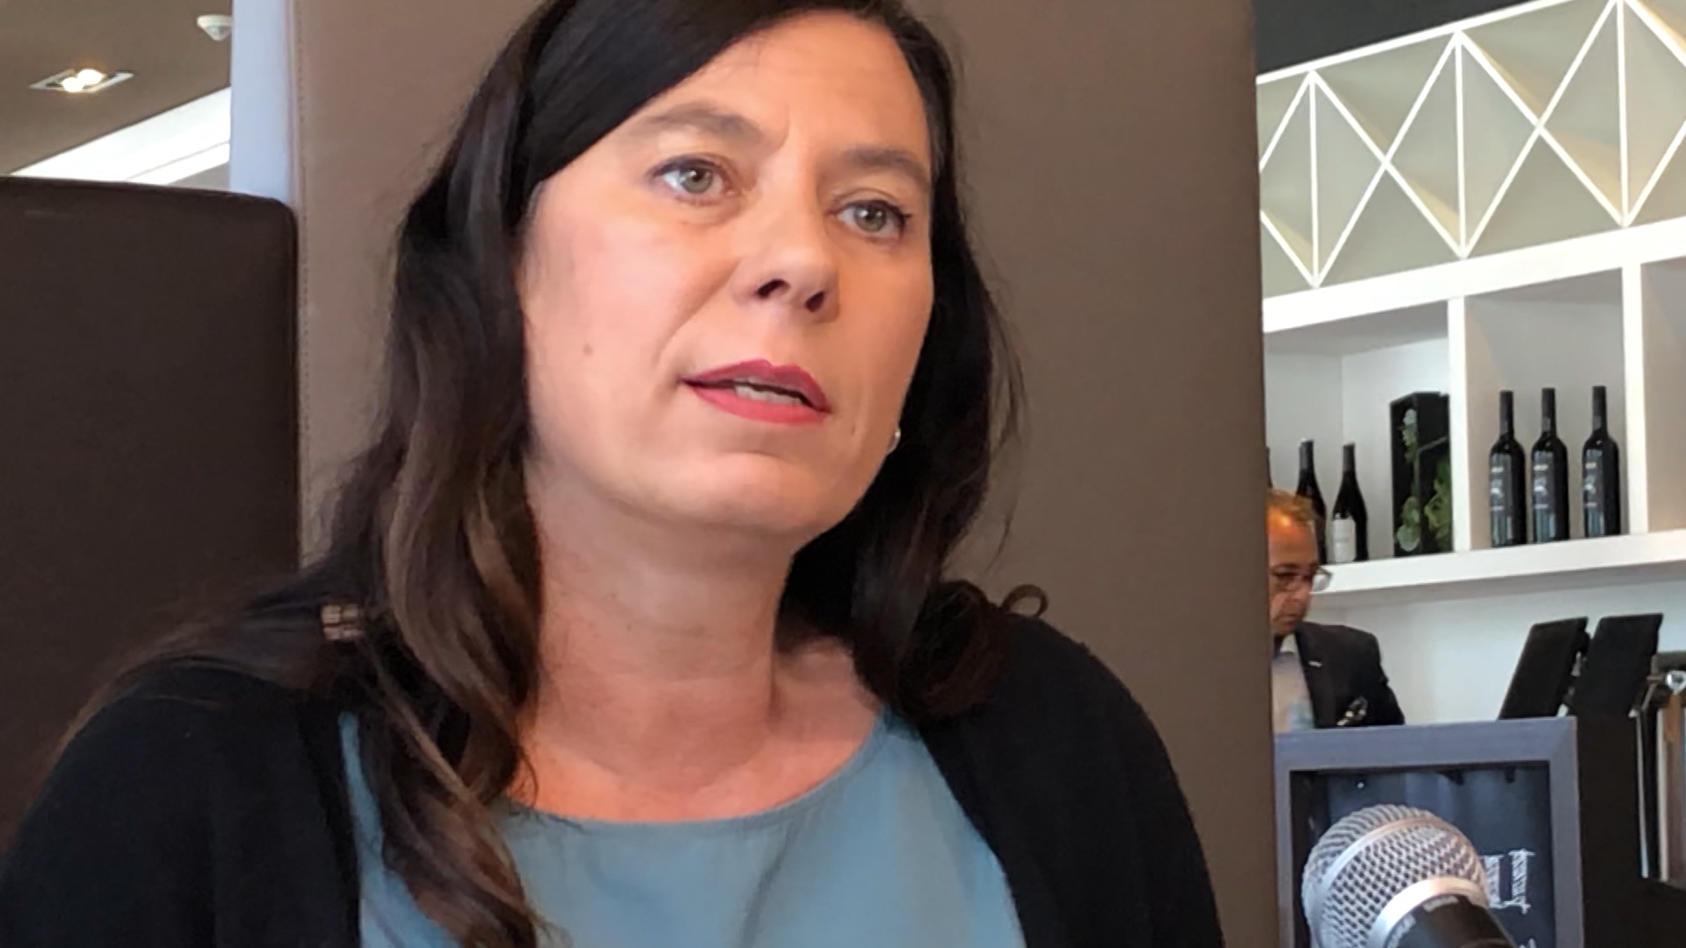 Senatorin für Bildung, Jugend und Familie: Sandra Scheeres